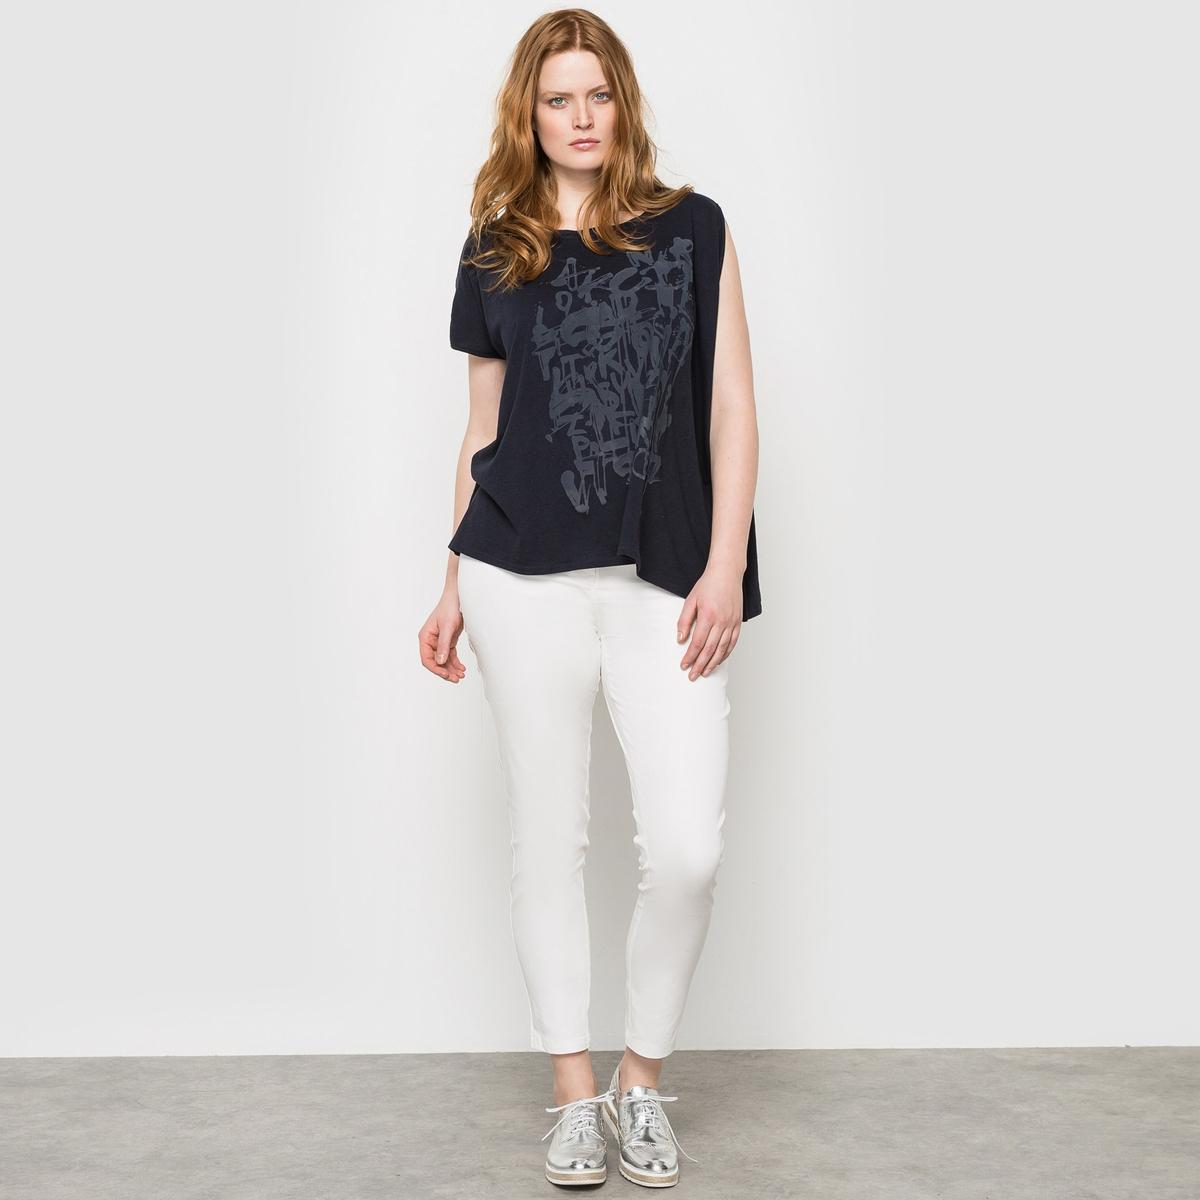 БрюкиСтильные брюки на каждый день из ткани стрейч,  с застежками на молнию, с легким блестящим эффектом, придающим женственность  .<br><br>Цвет: экрю<br>Размер: 44 (FR) - 50 (RUS)